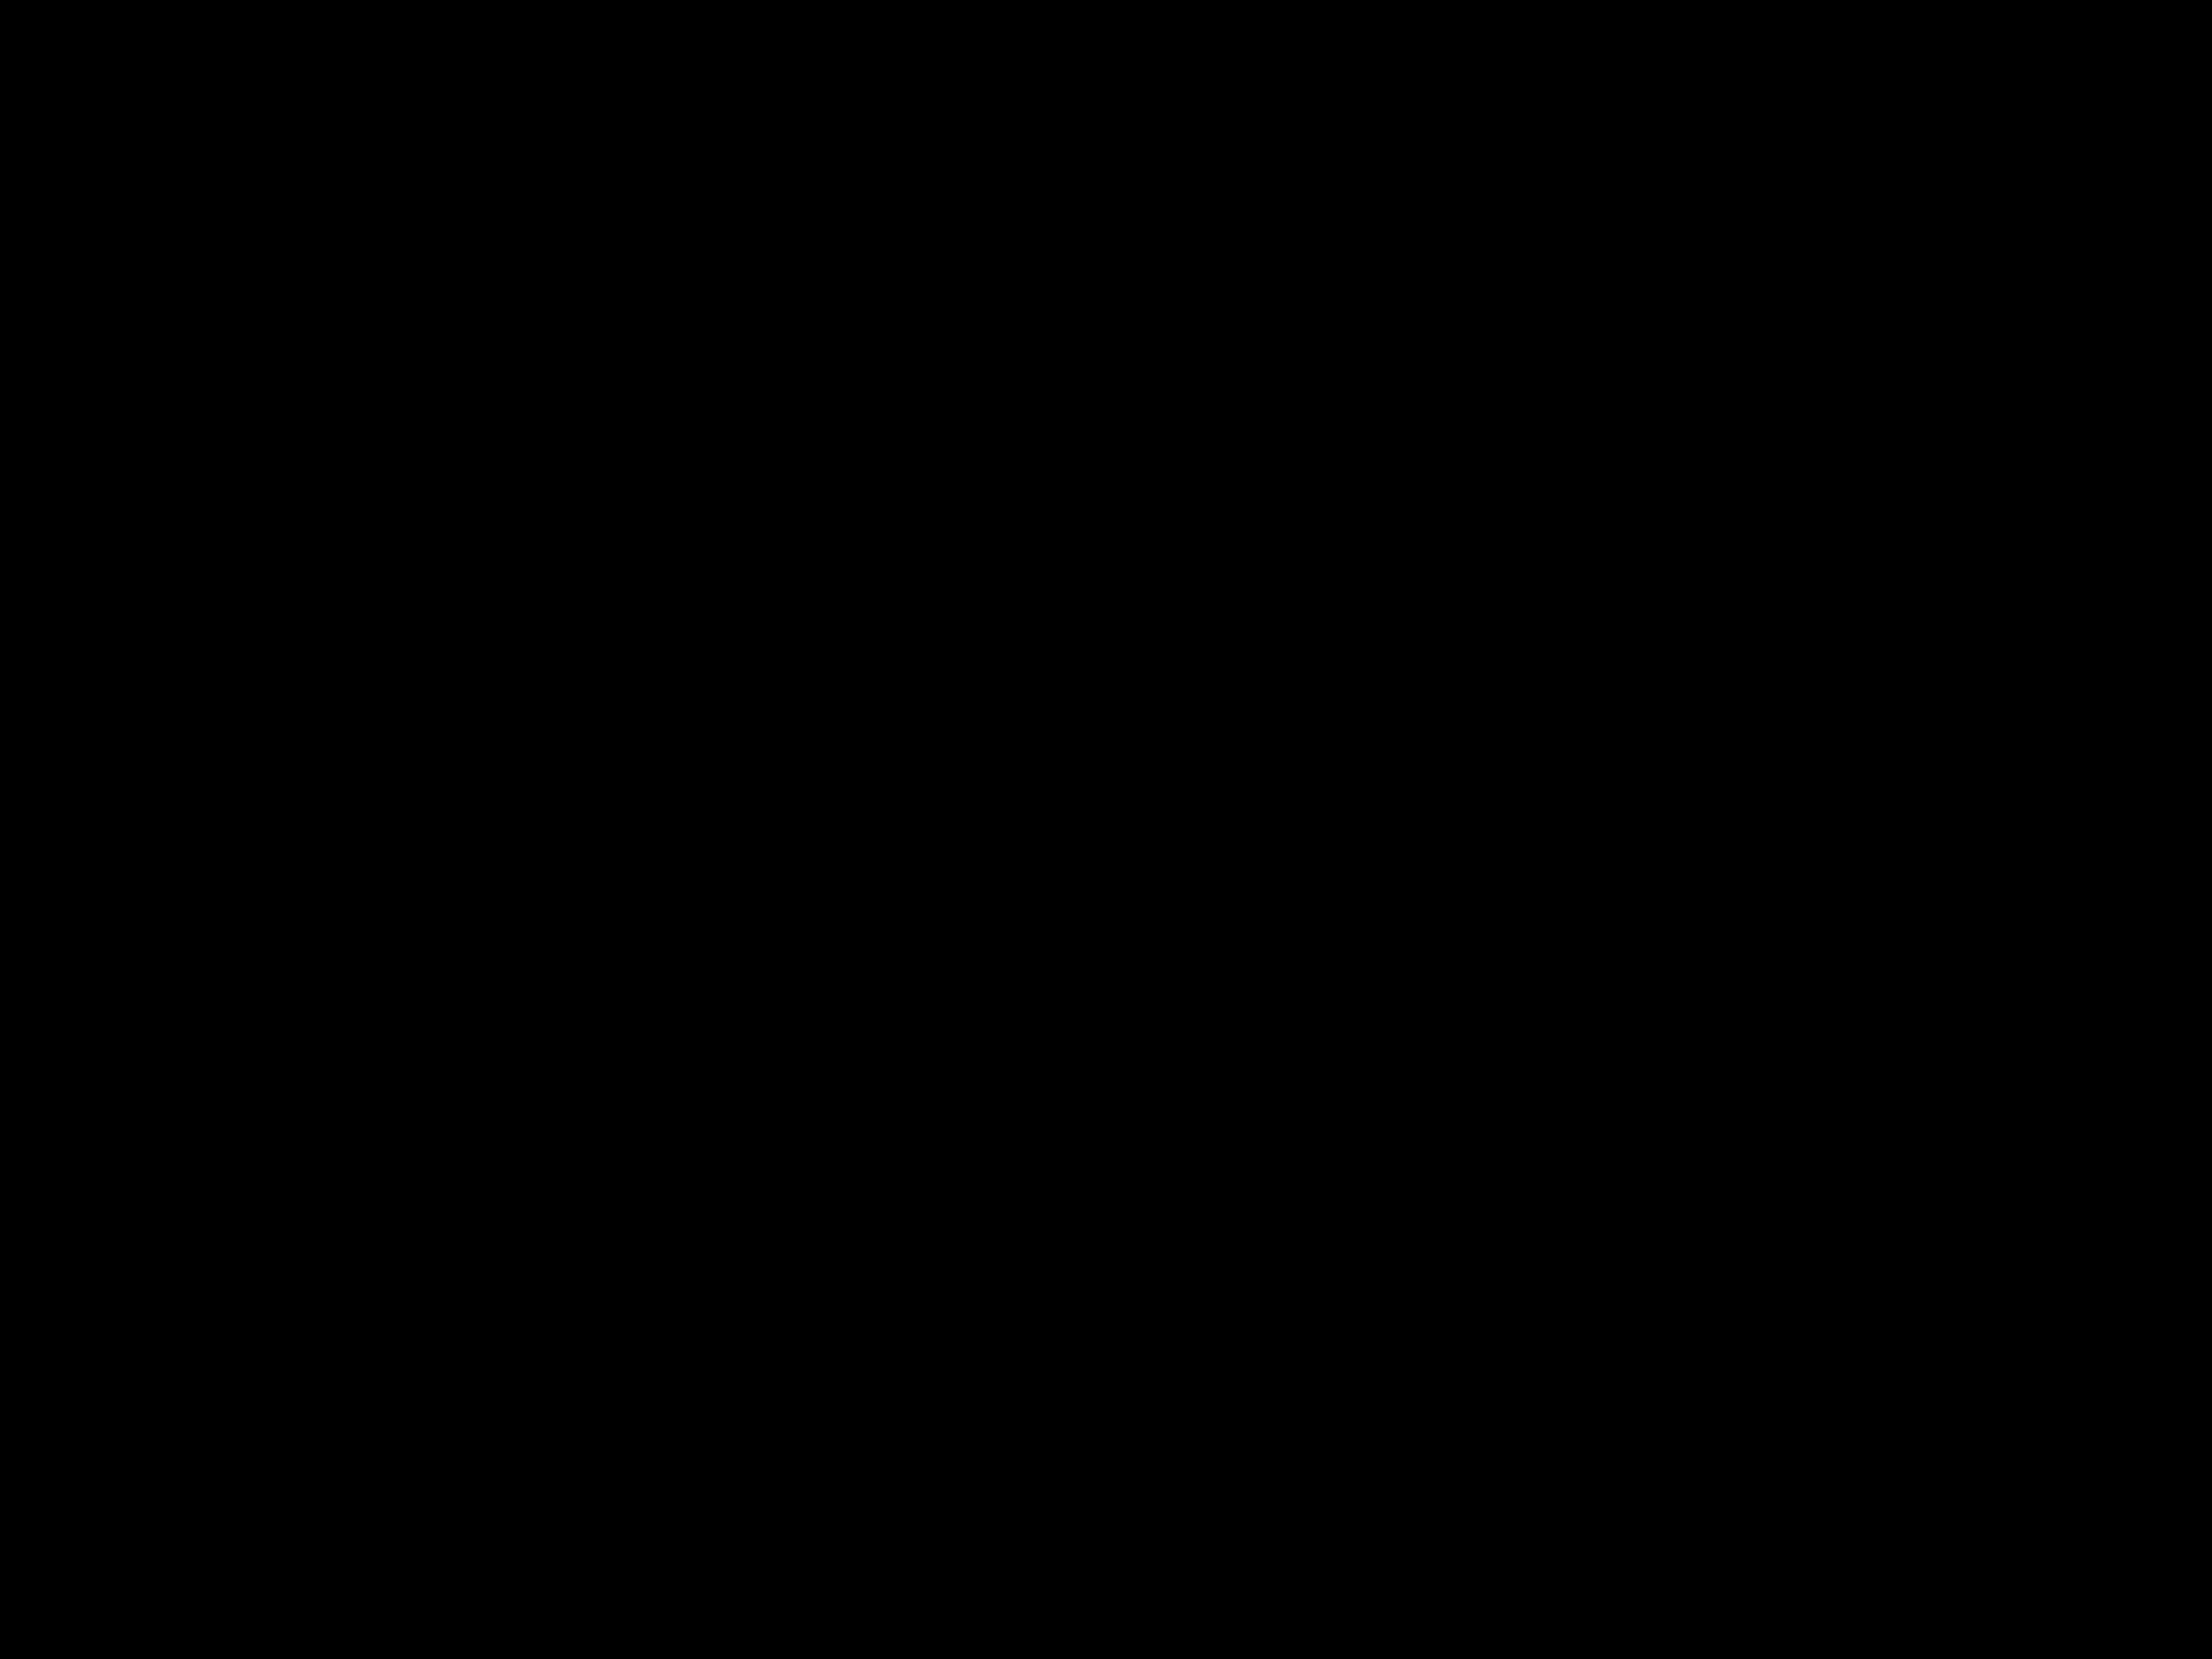 UMR black-01.png